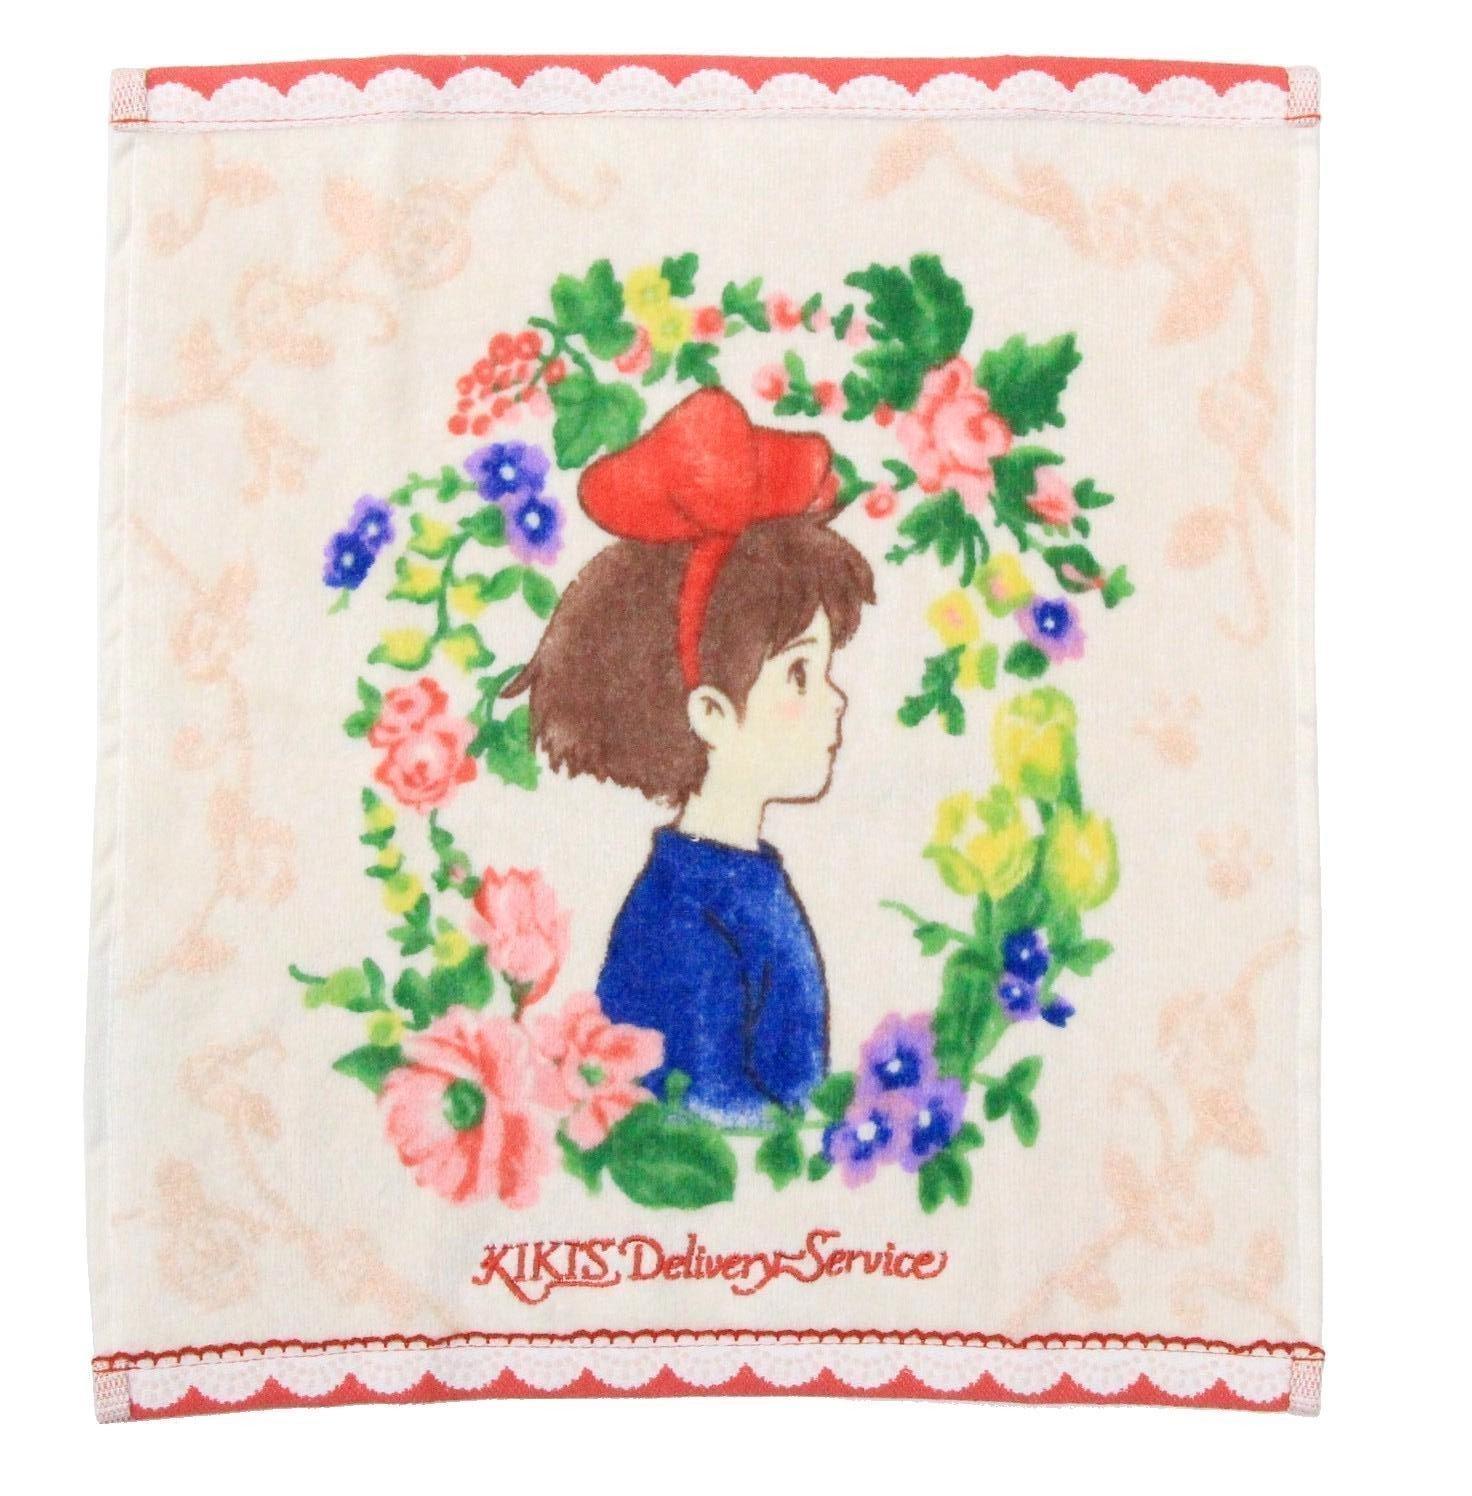 Marushin Studio Ghibli Kiki's Delivery Service Wash towel agate 34x36cm